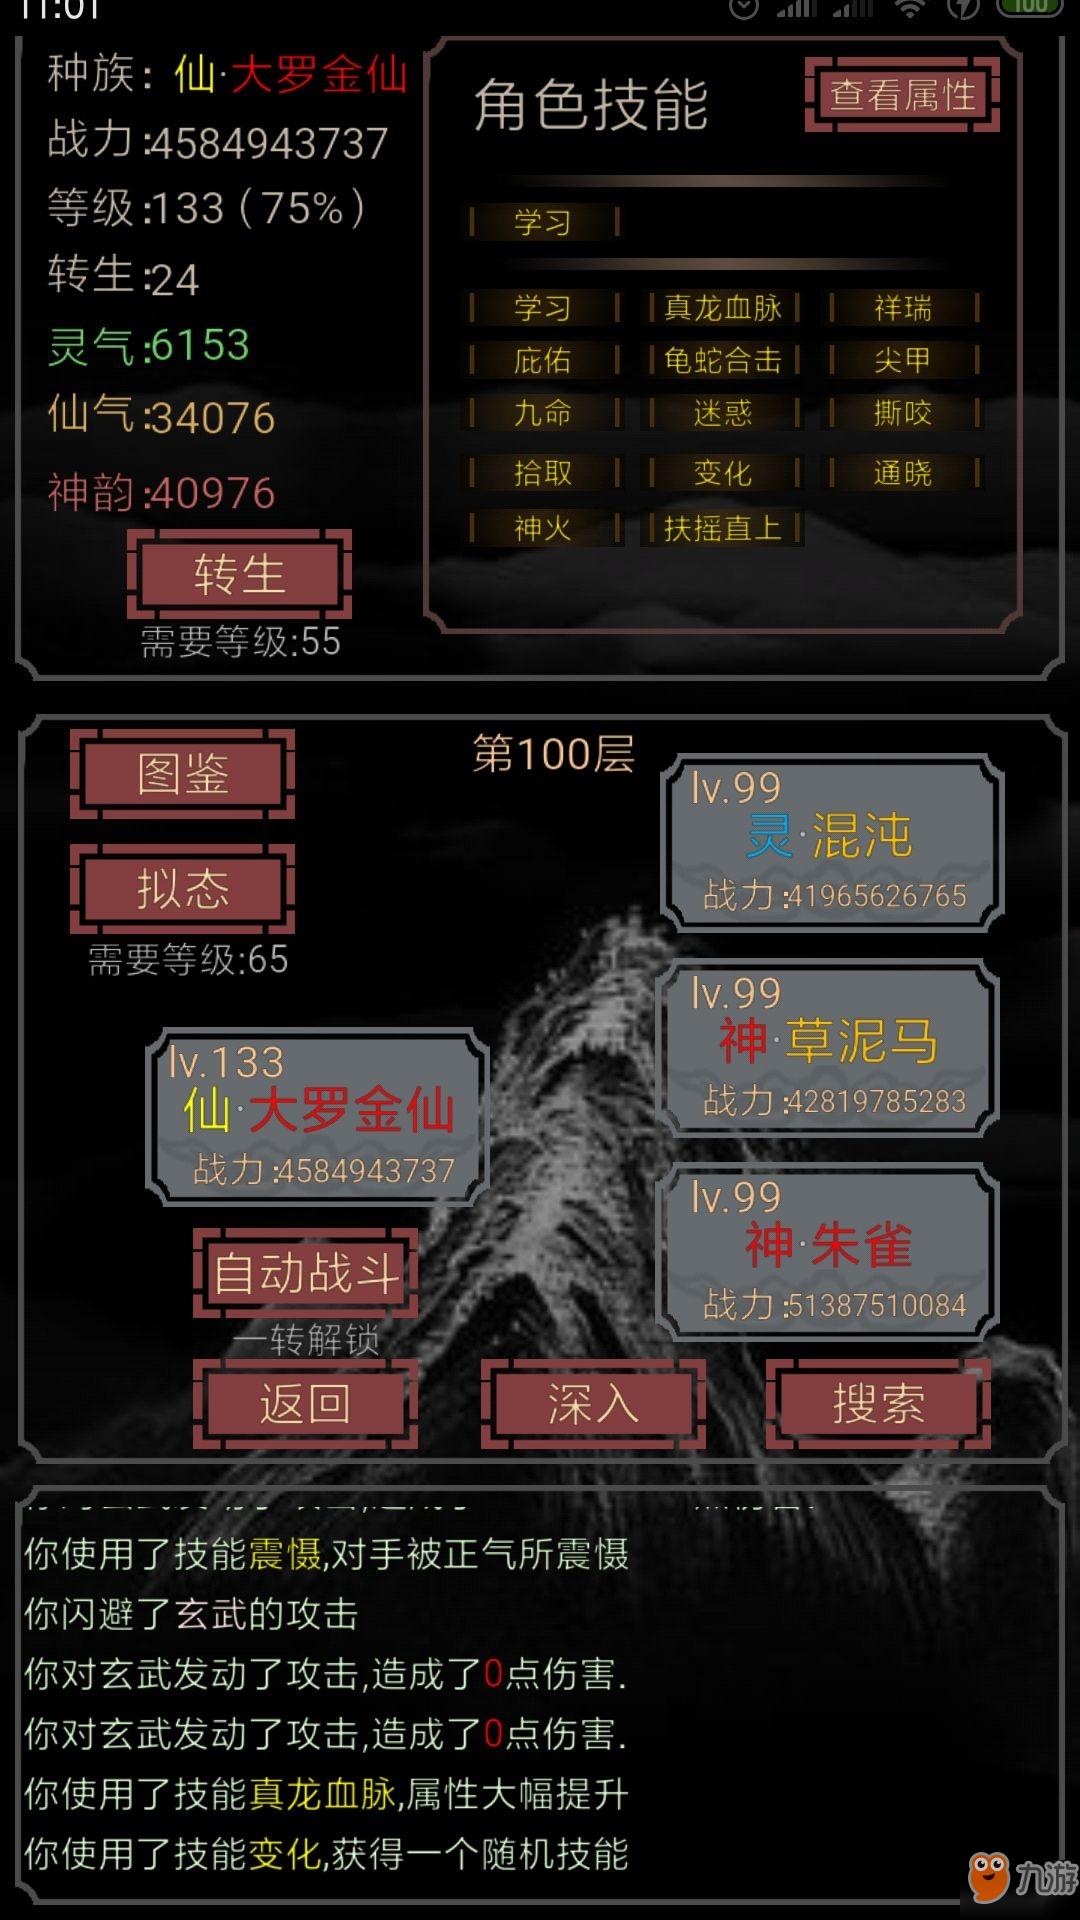 丹青江湖手游 丹青江湖游戲下載 丹青江湖單機 網游